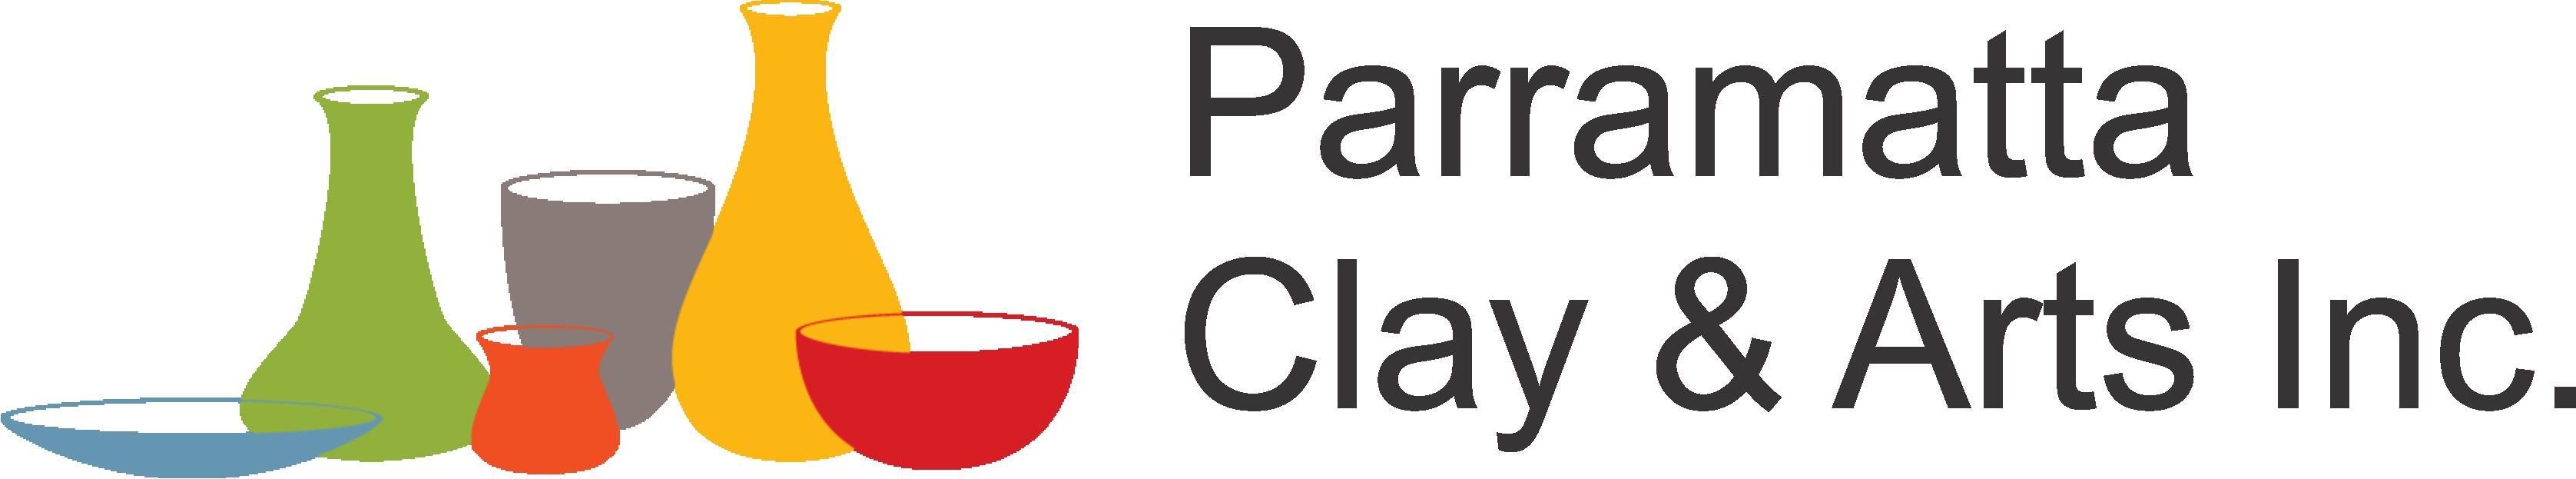 Parramatta Clay & Arts Inc.